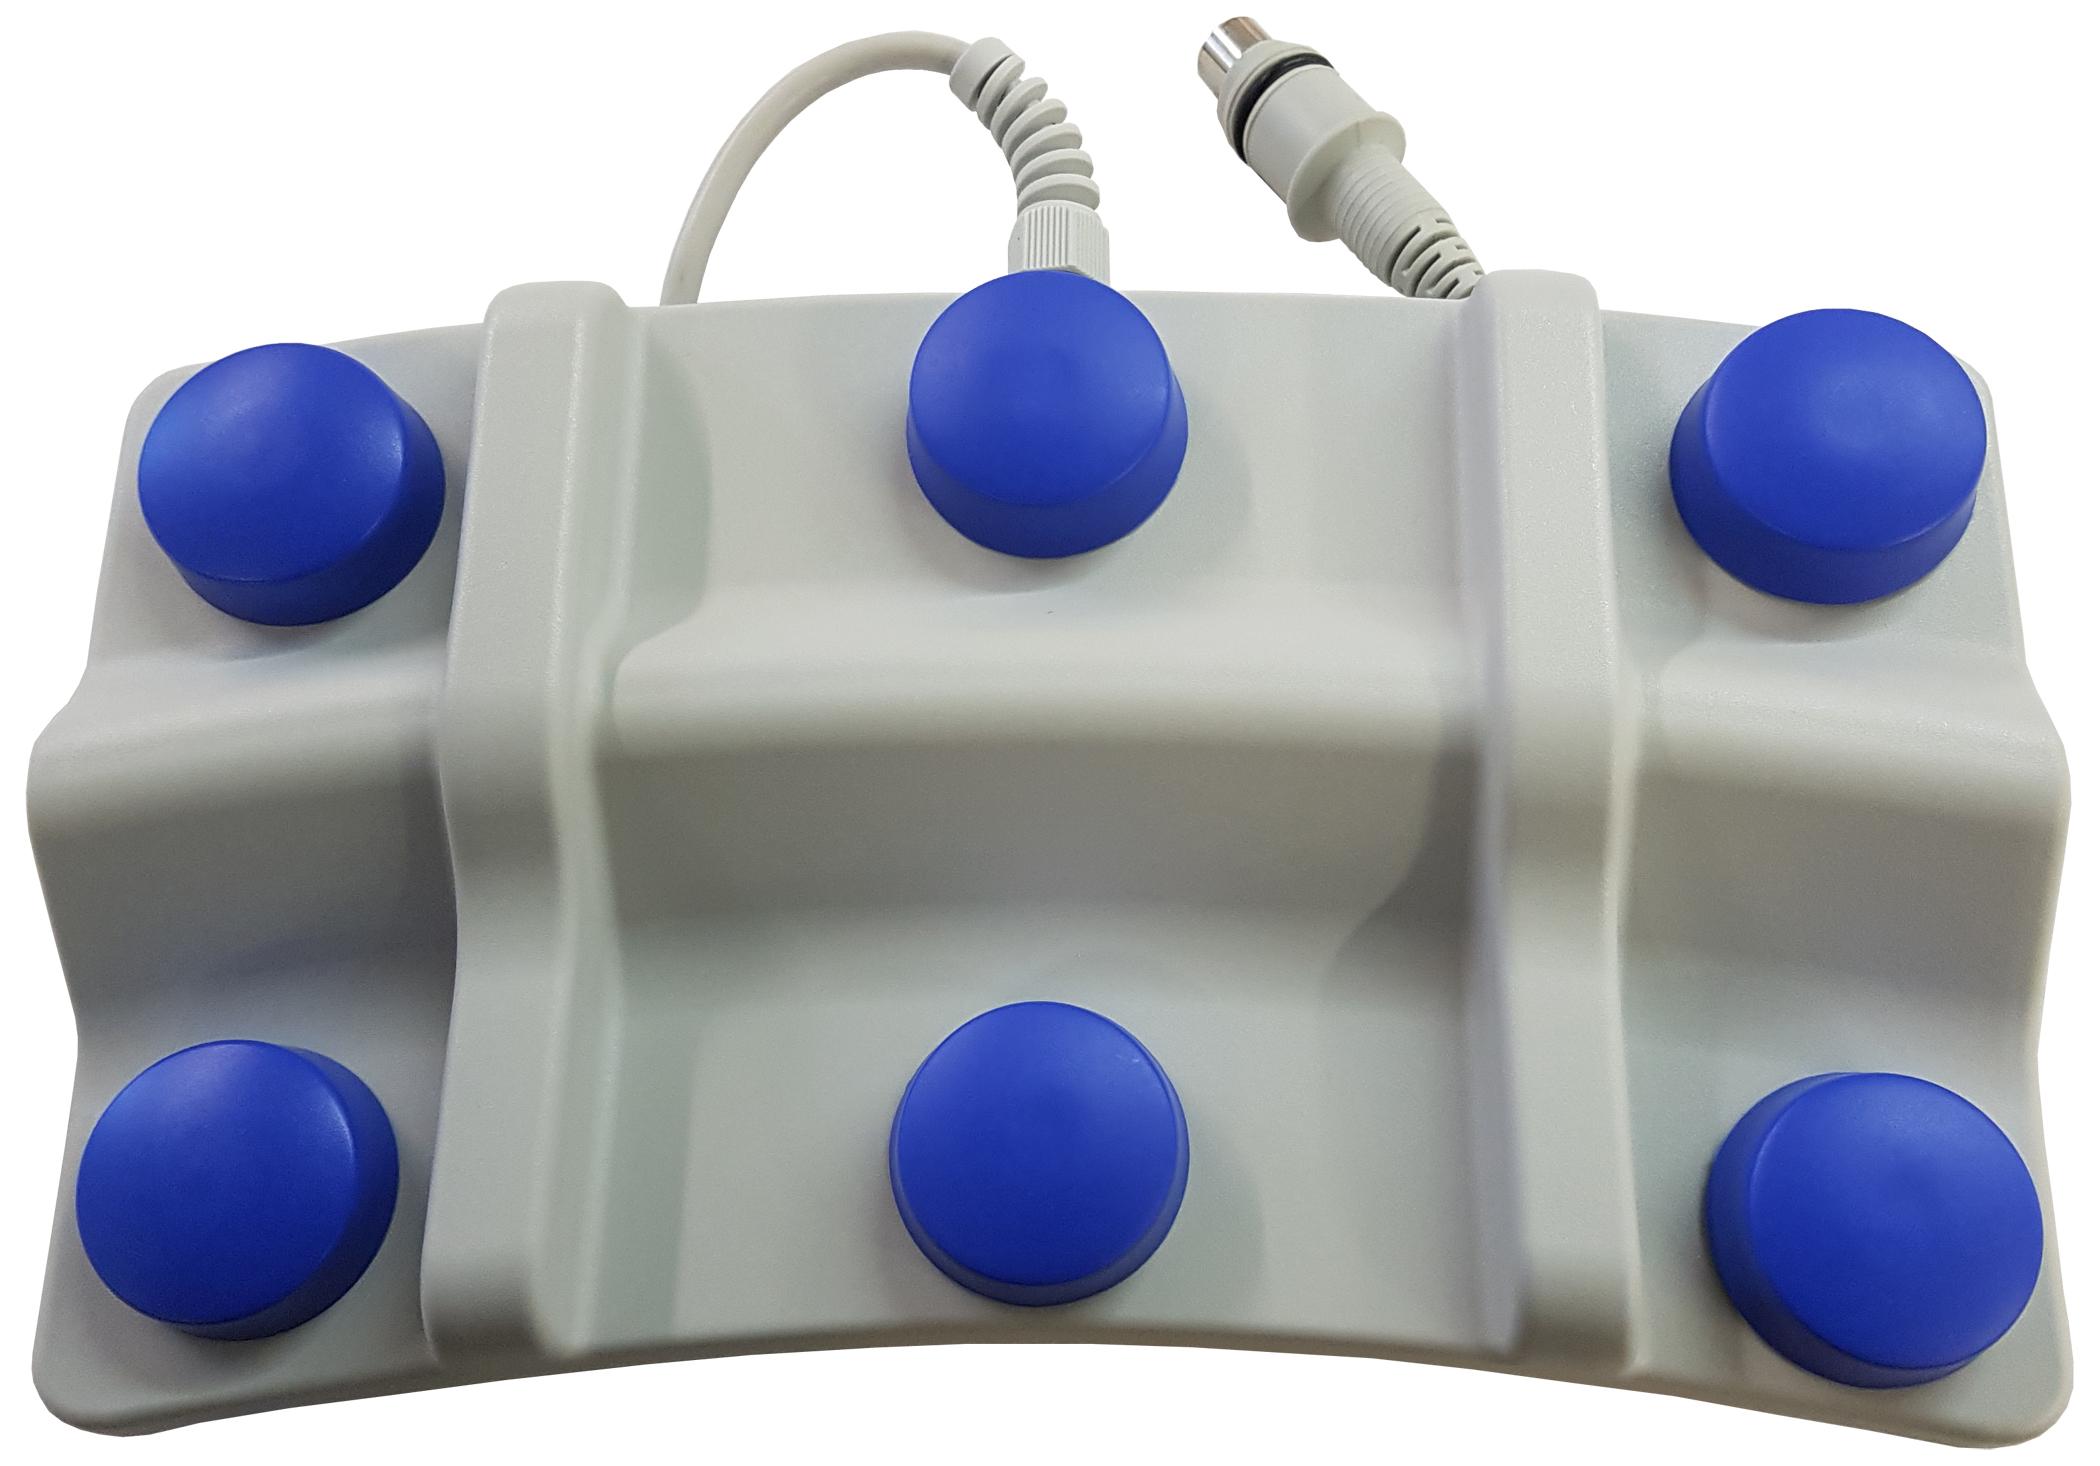 pedale muti boutons 6241-0058